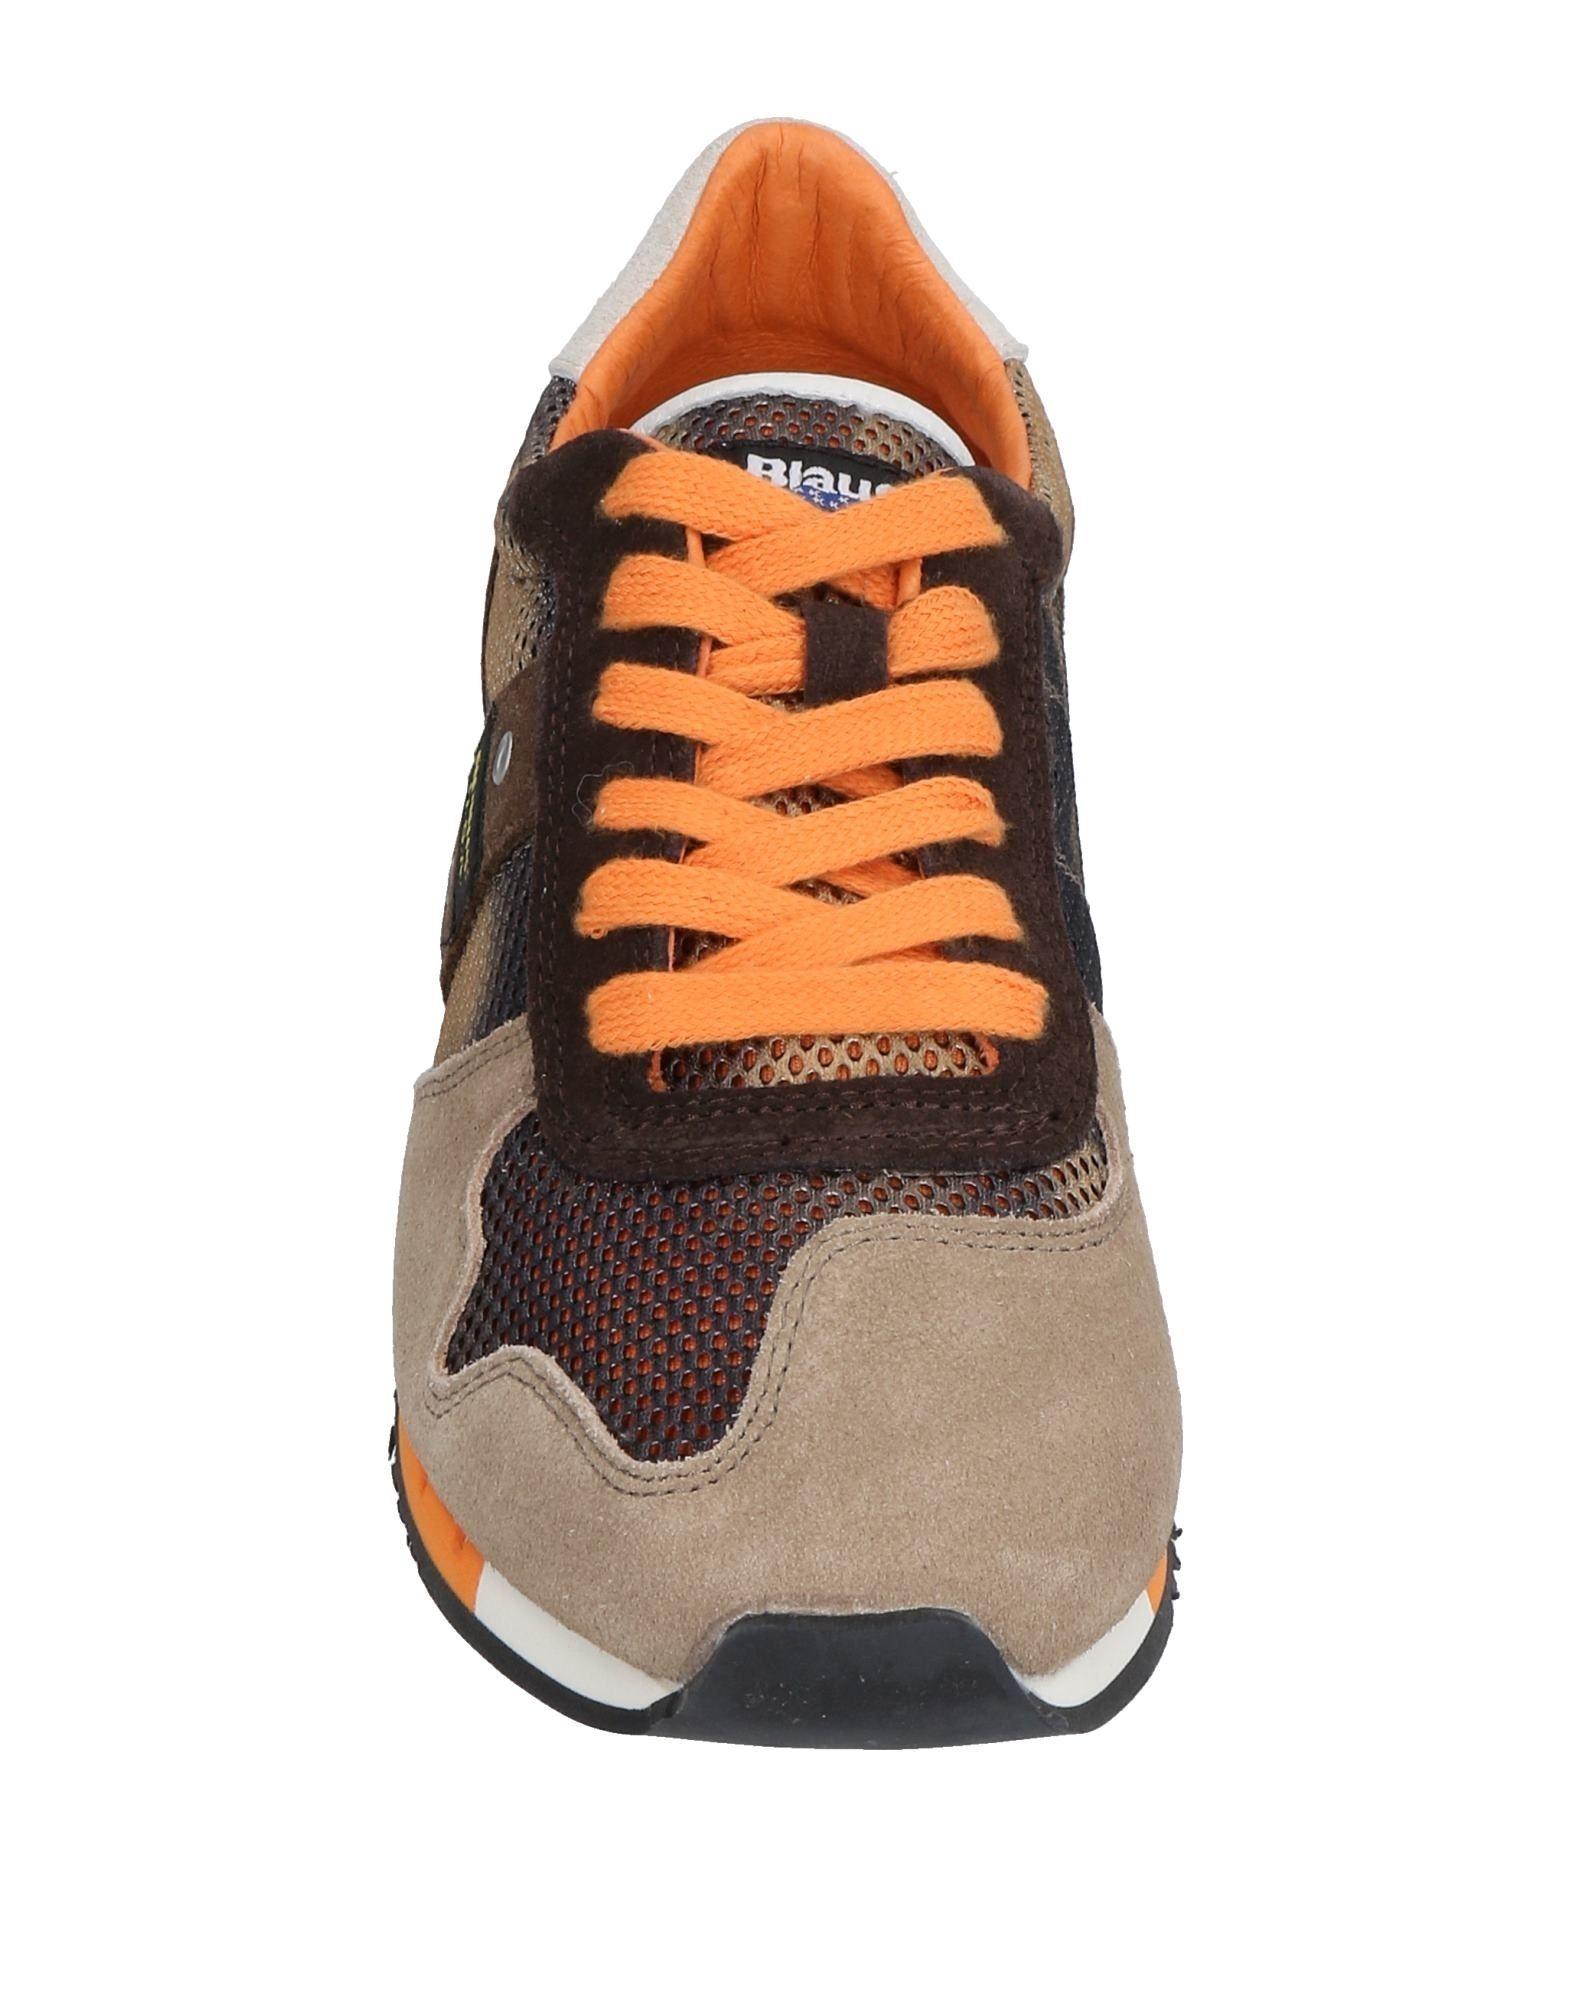 Blauer Sneakers Sneakers Blauer Herren  11512385SU bff2fd